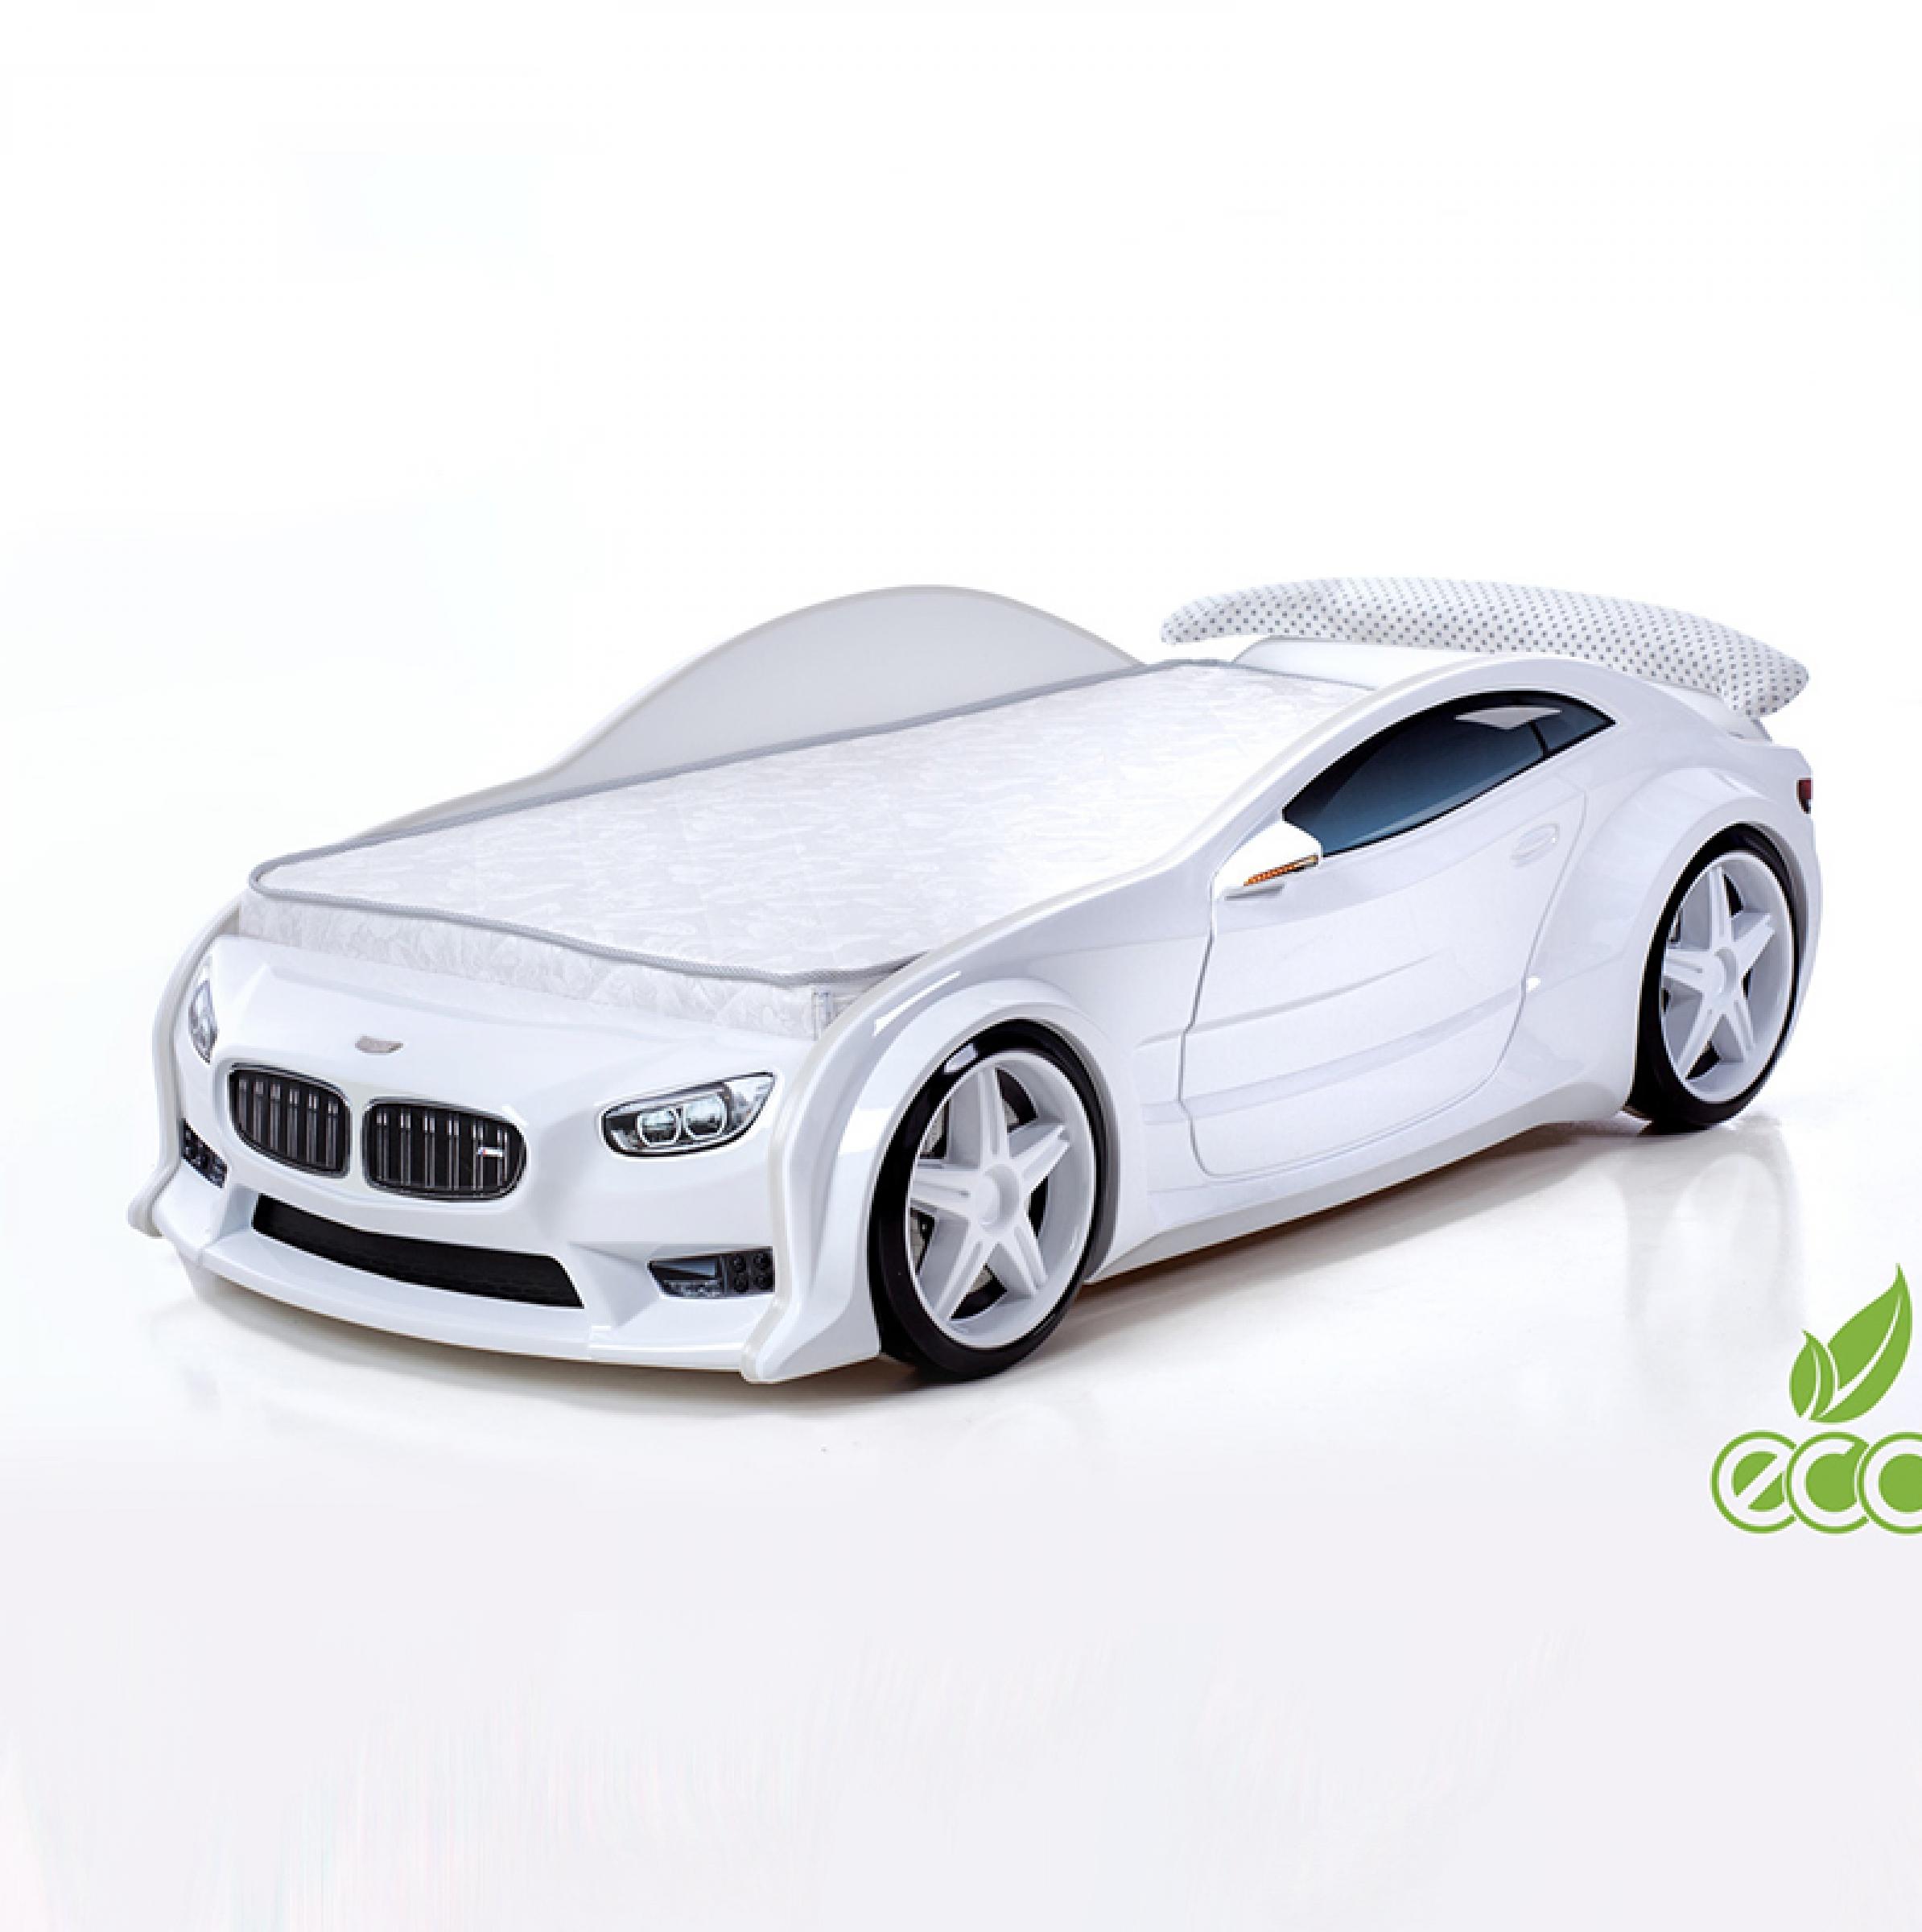 Futuka Kids кровать-машина БМВ-EVO (белый)